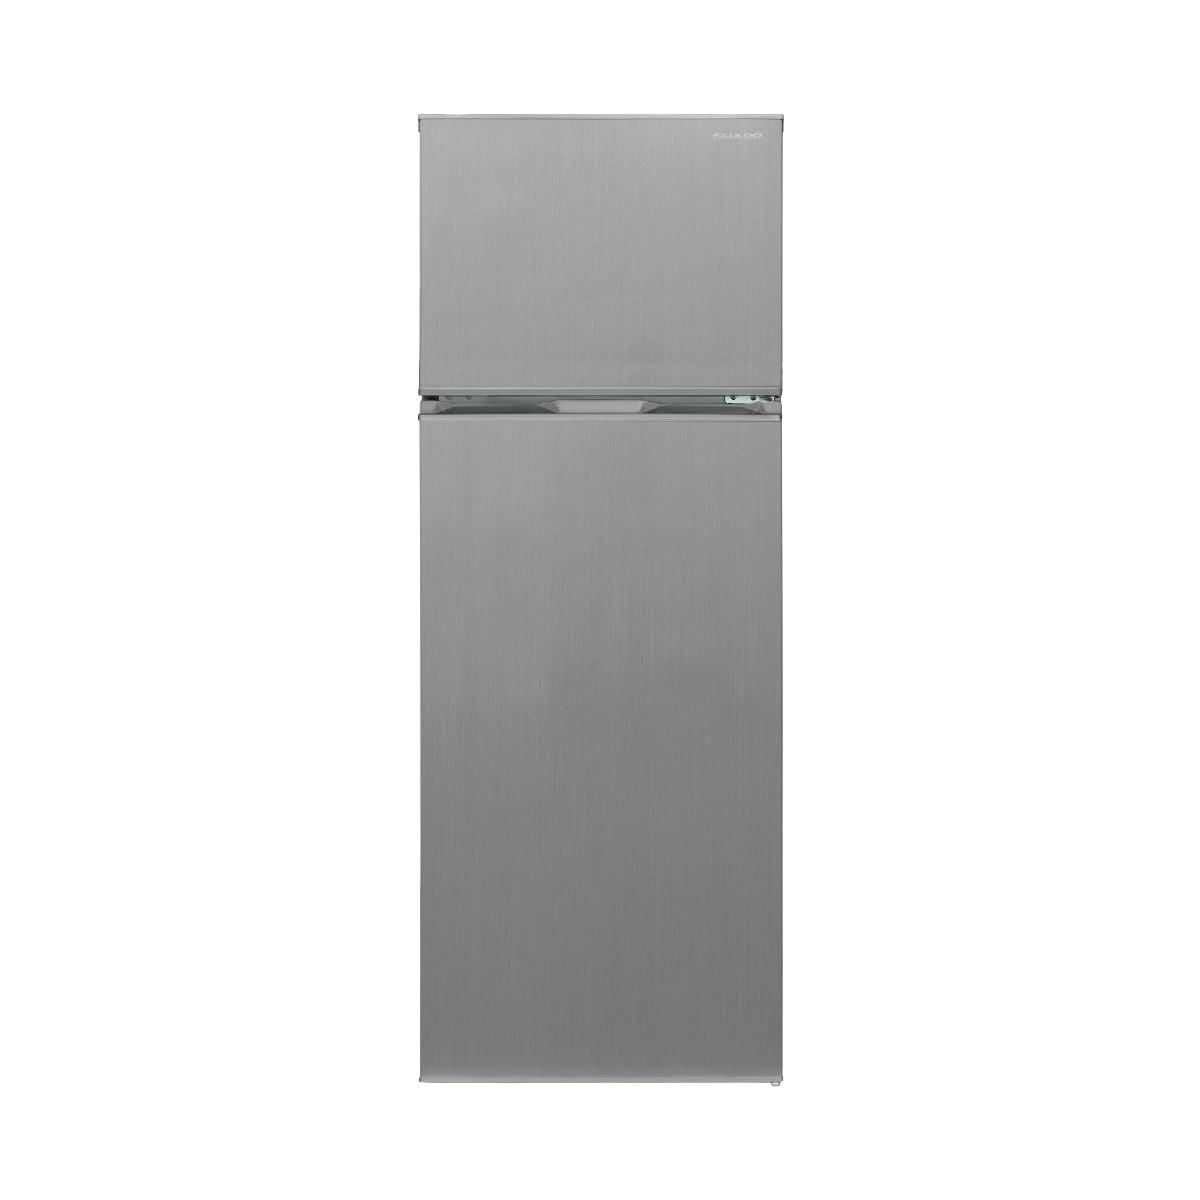 Sharp kombinovani frižider 213 l (171+42) SJ-TB01ITXLF zatvoren